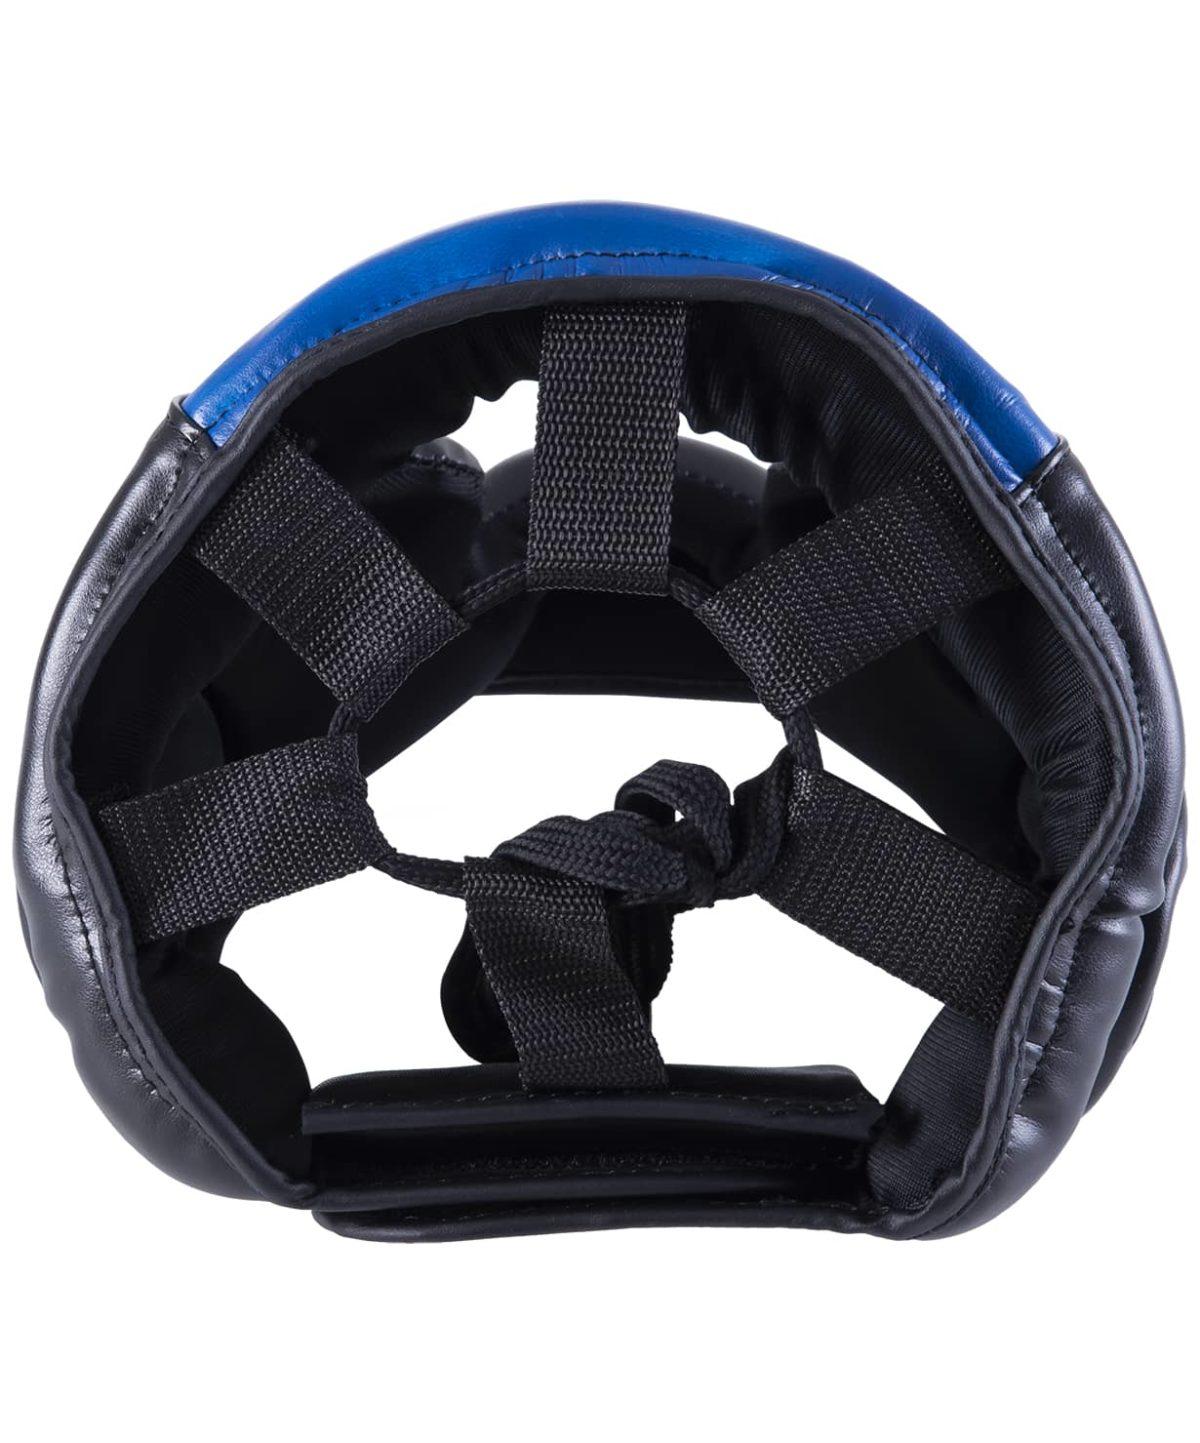 KSA Skull Blue шлем закрытый  17912 - 3